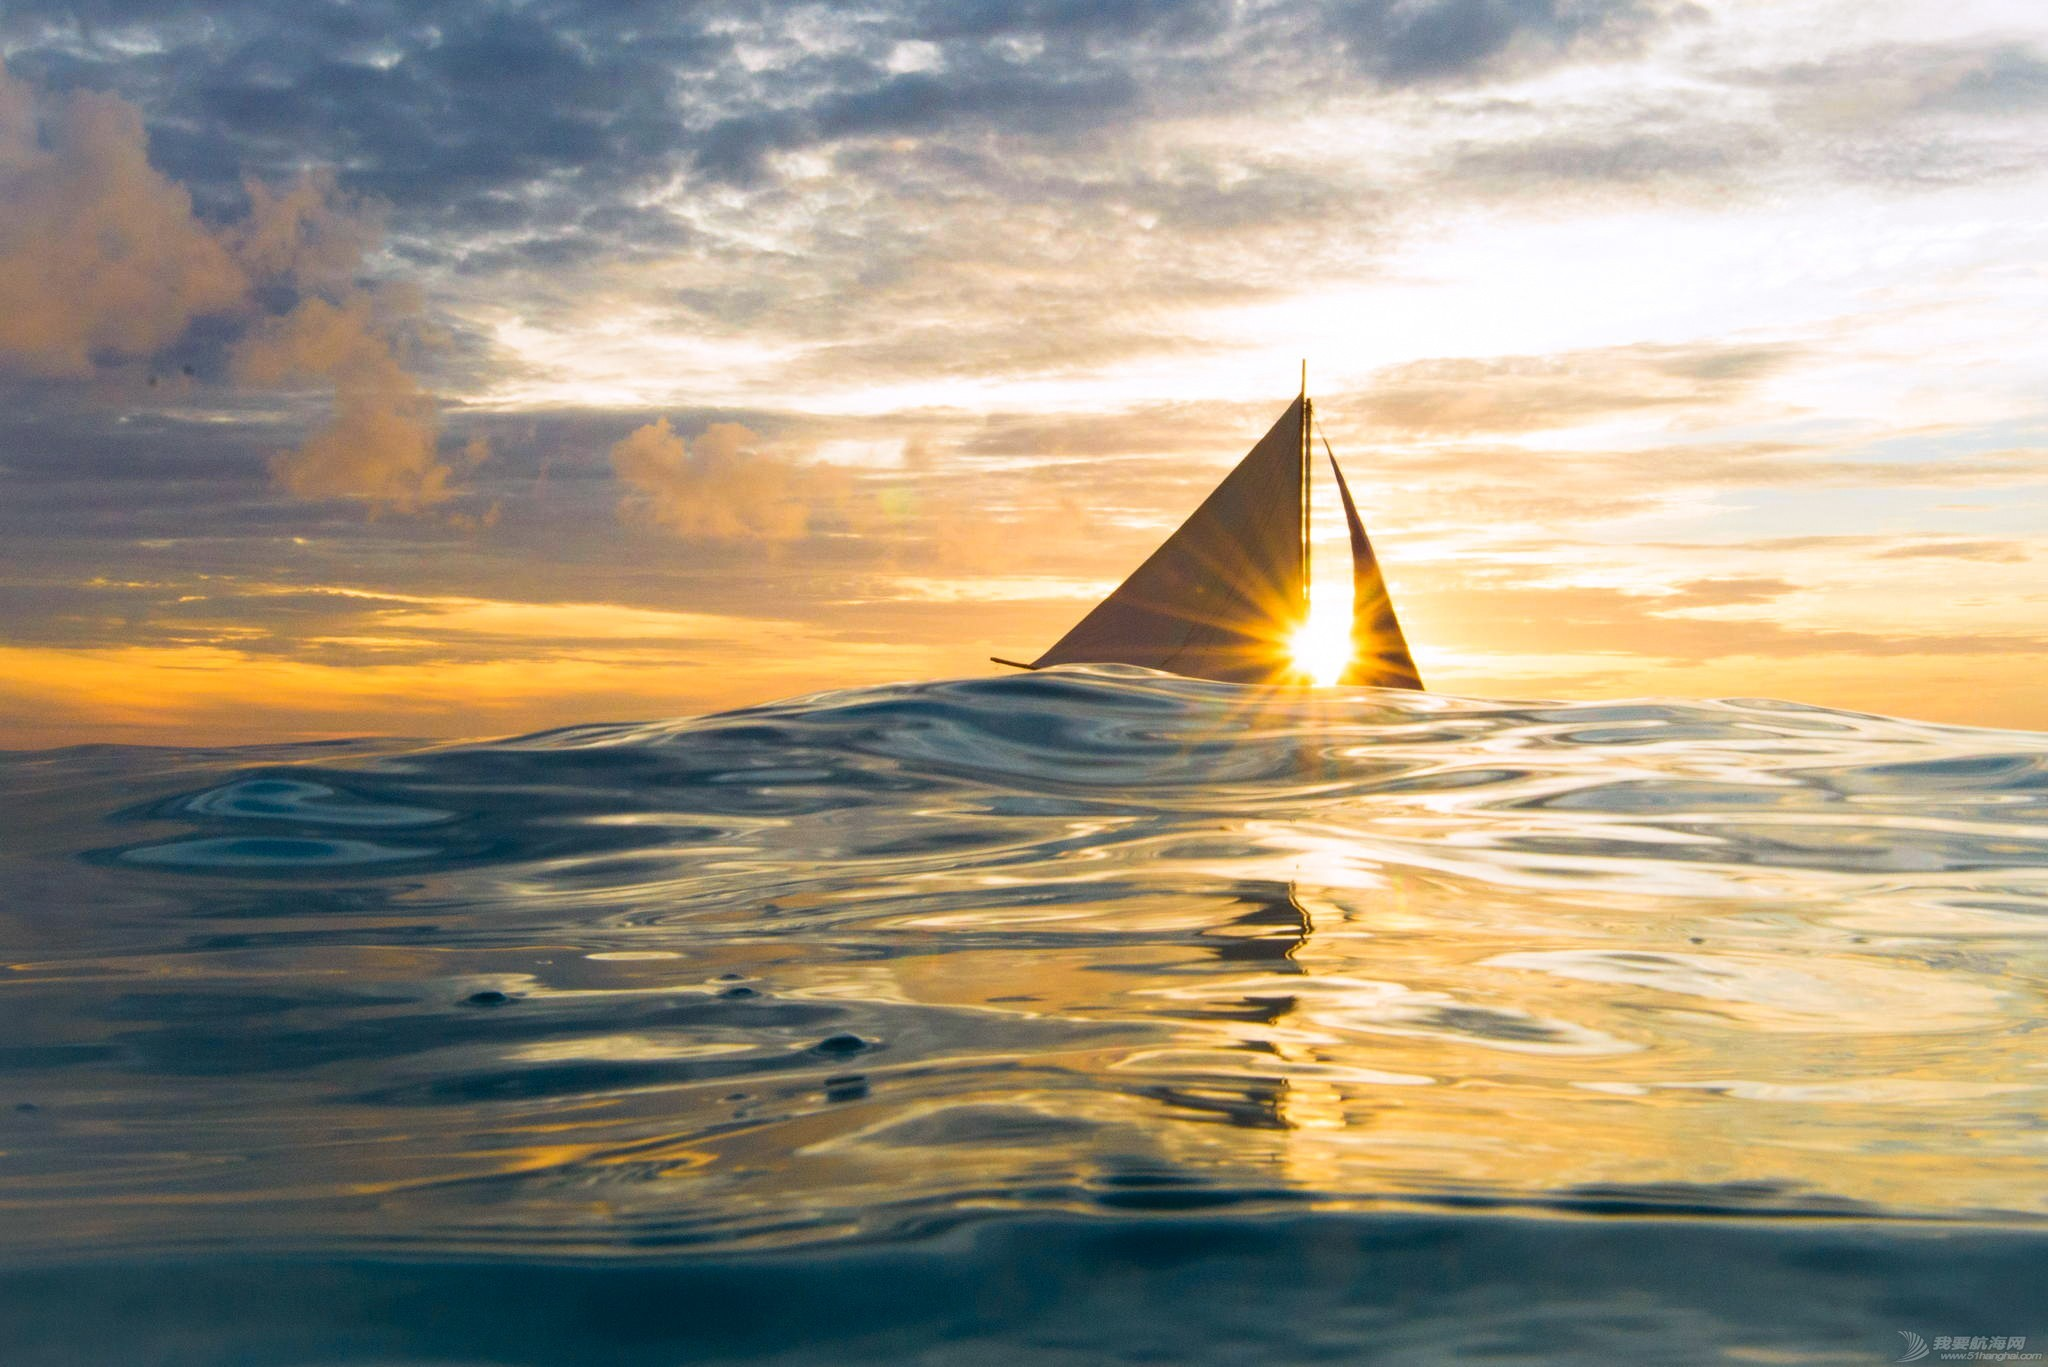 8个选择帆船度假的完美理由 eedbdd513658e6cadc3ba2a5d54a88f8.jpg